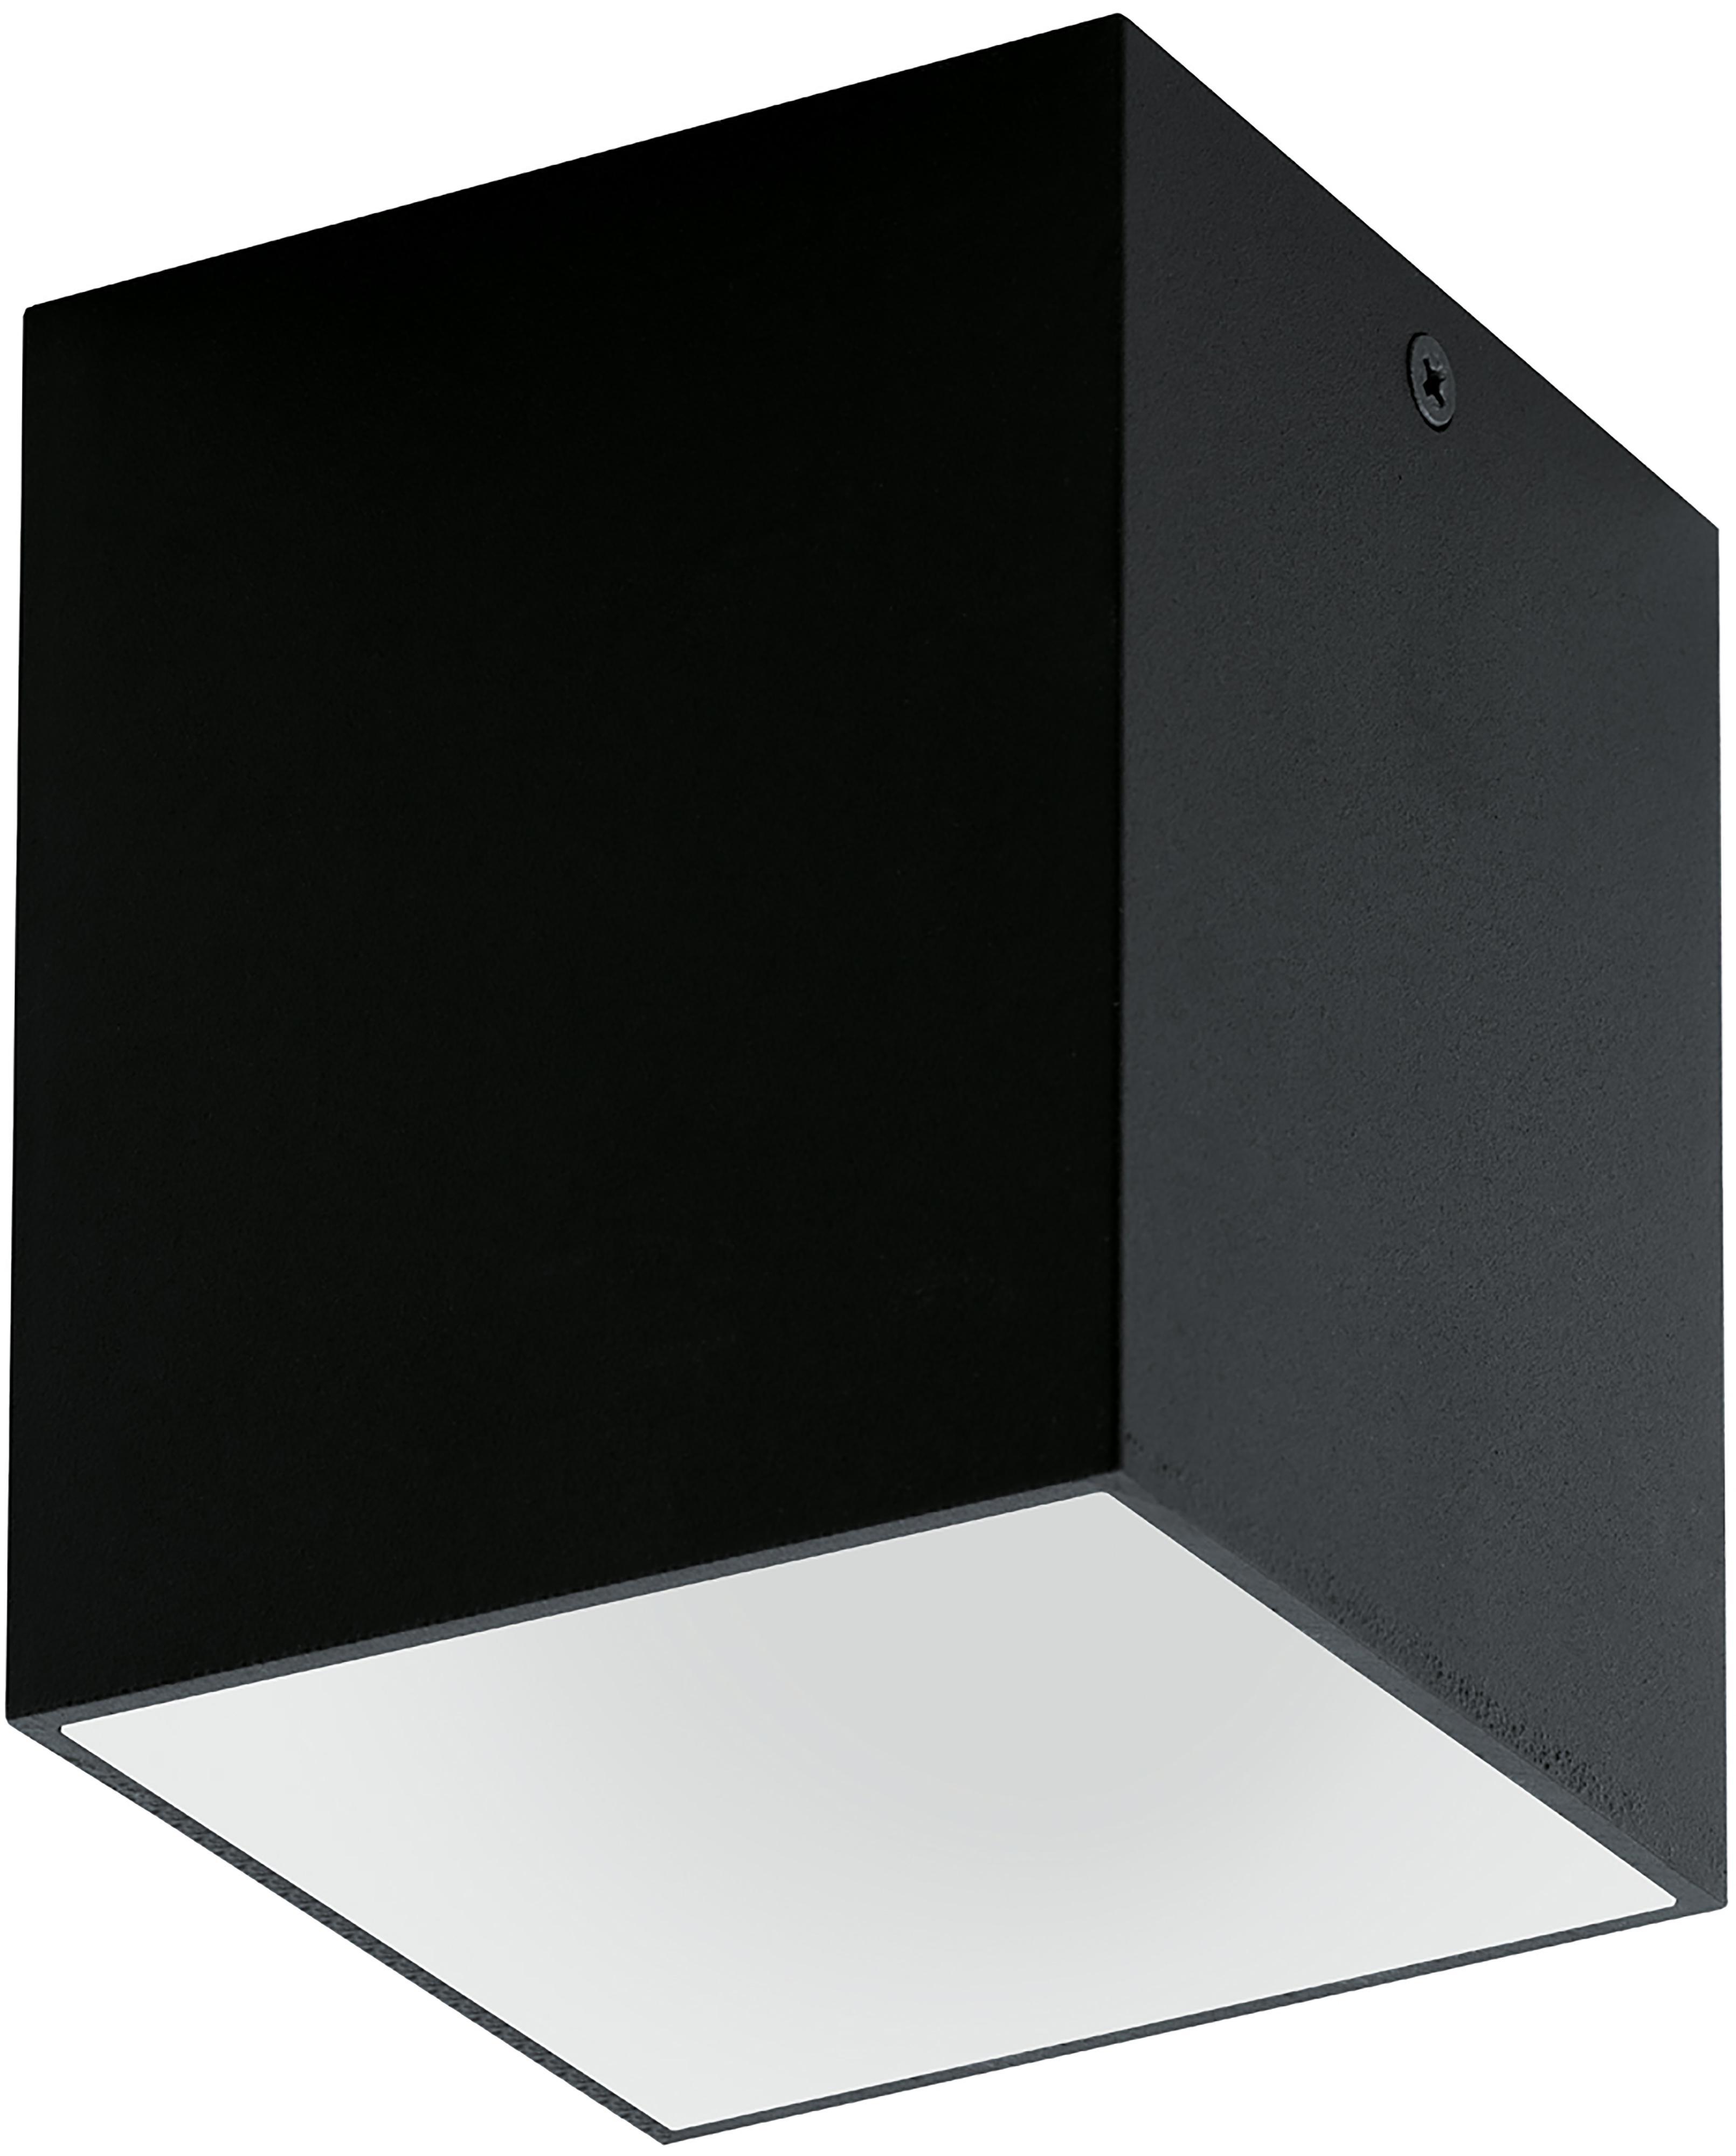 Foco LED Marty, Metal con pintura en polvo, Negro, blanco, An 10 x Al 12 cm